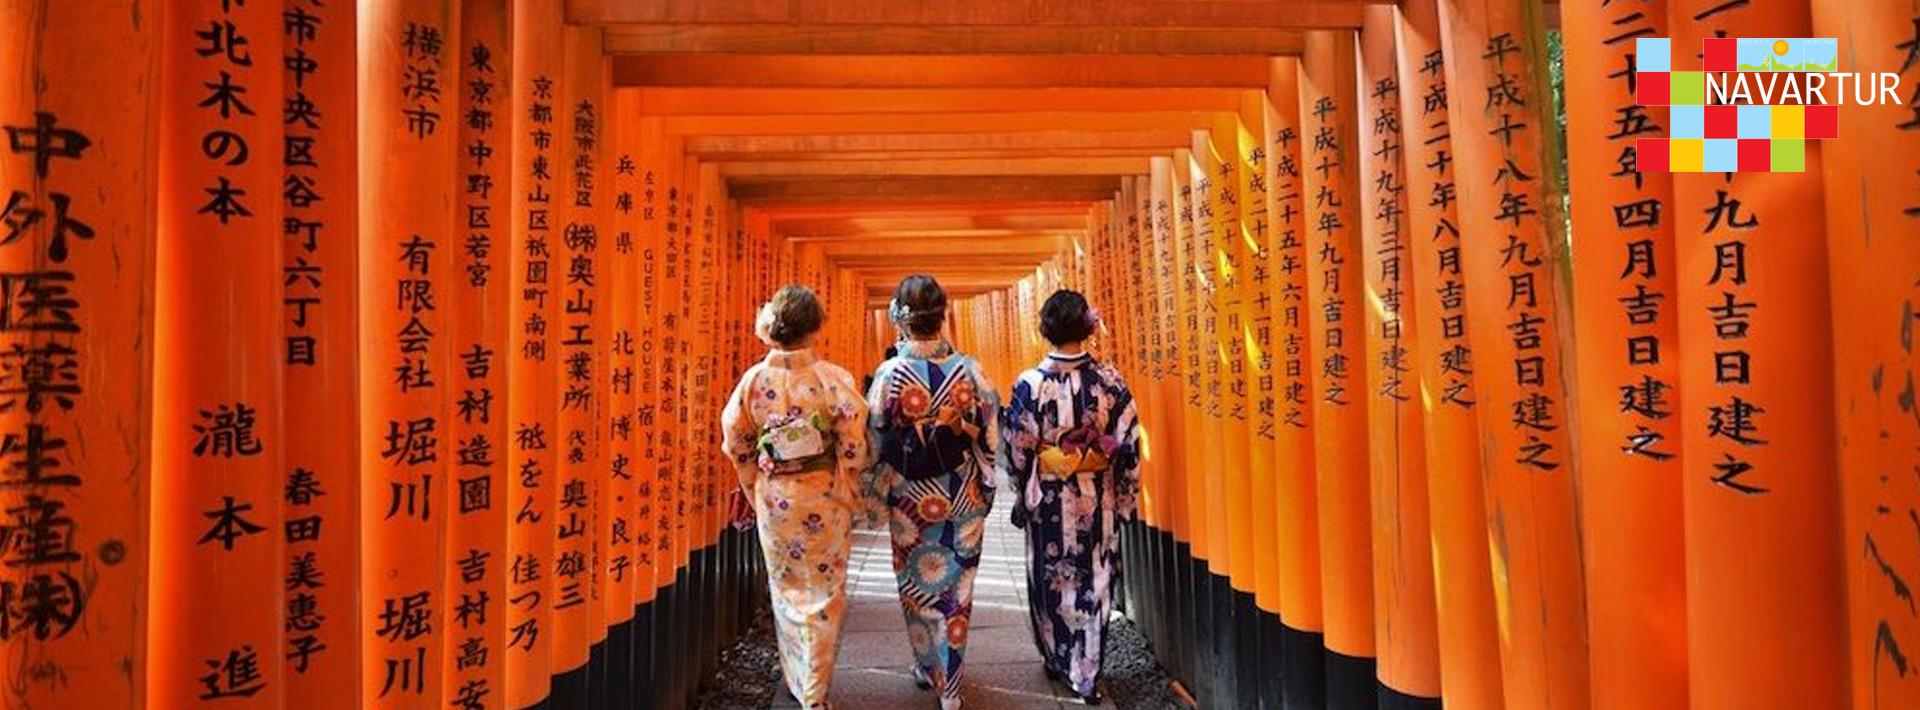 País invitado Japón